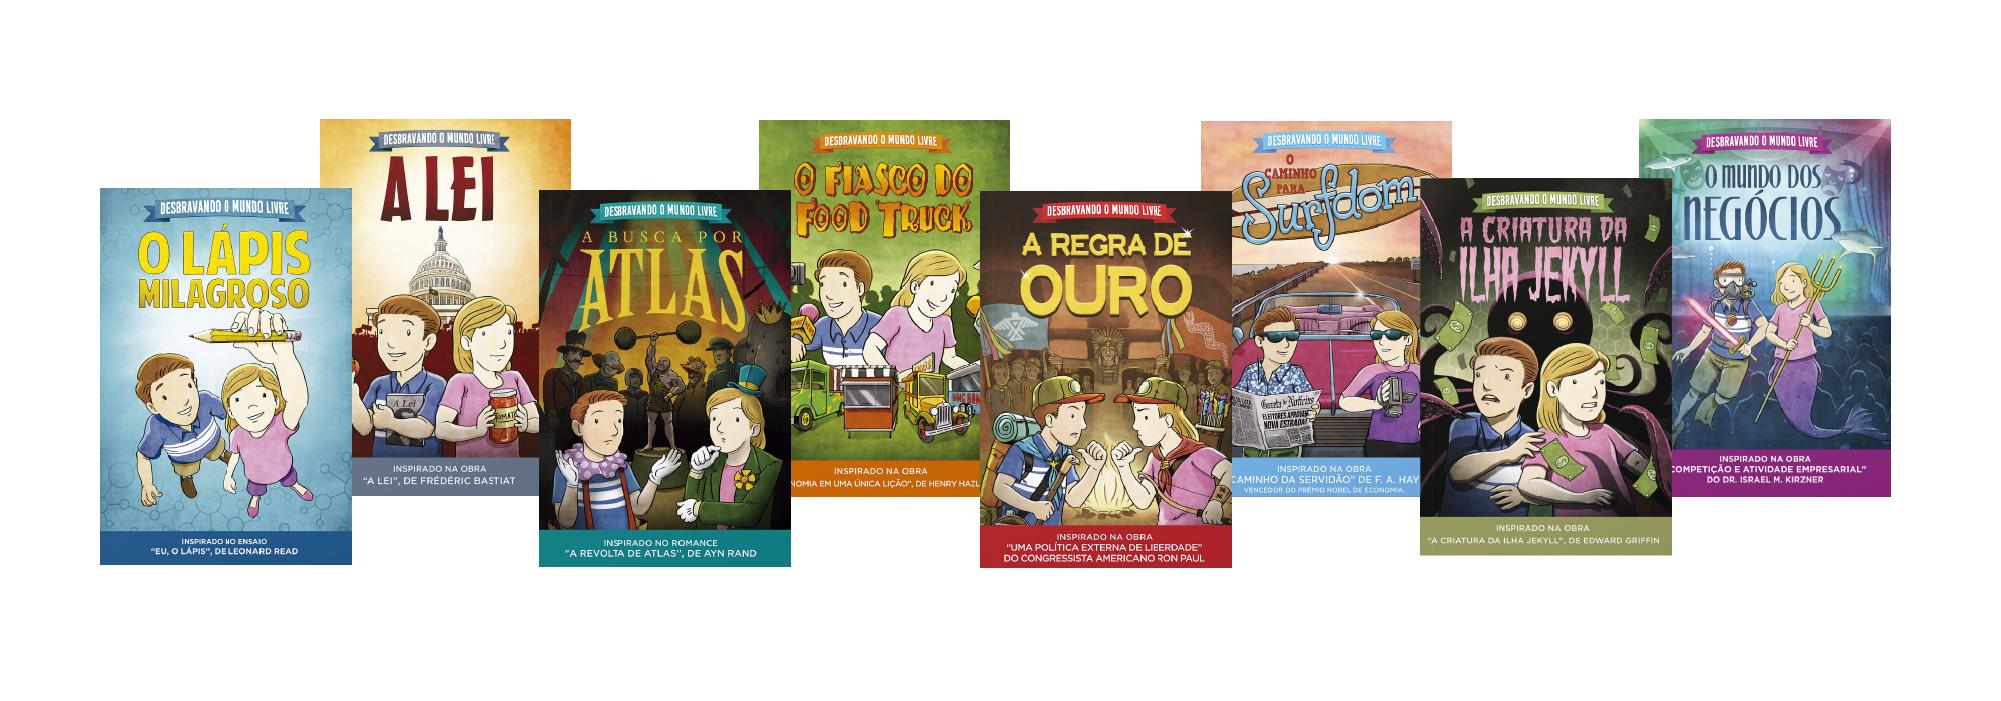 Instituto Liberdade lança coleção infantil sobre liberalismo